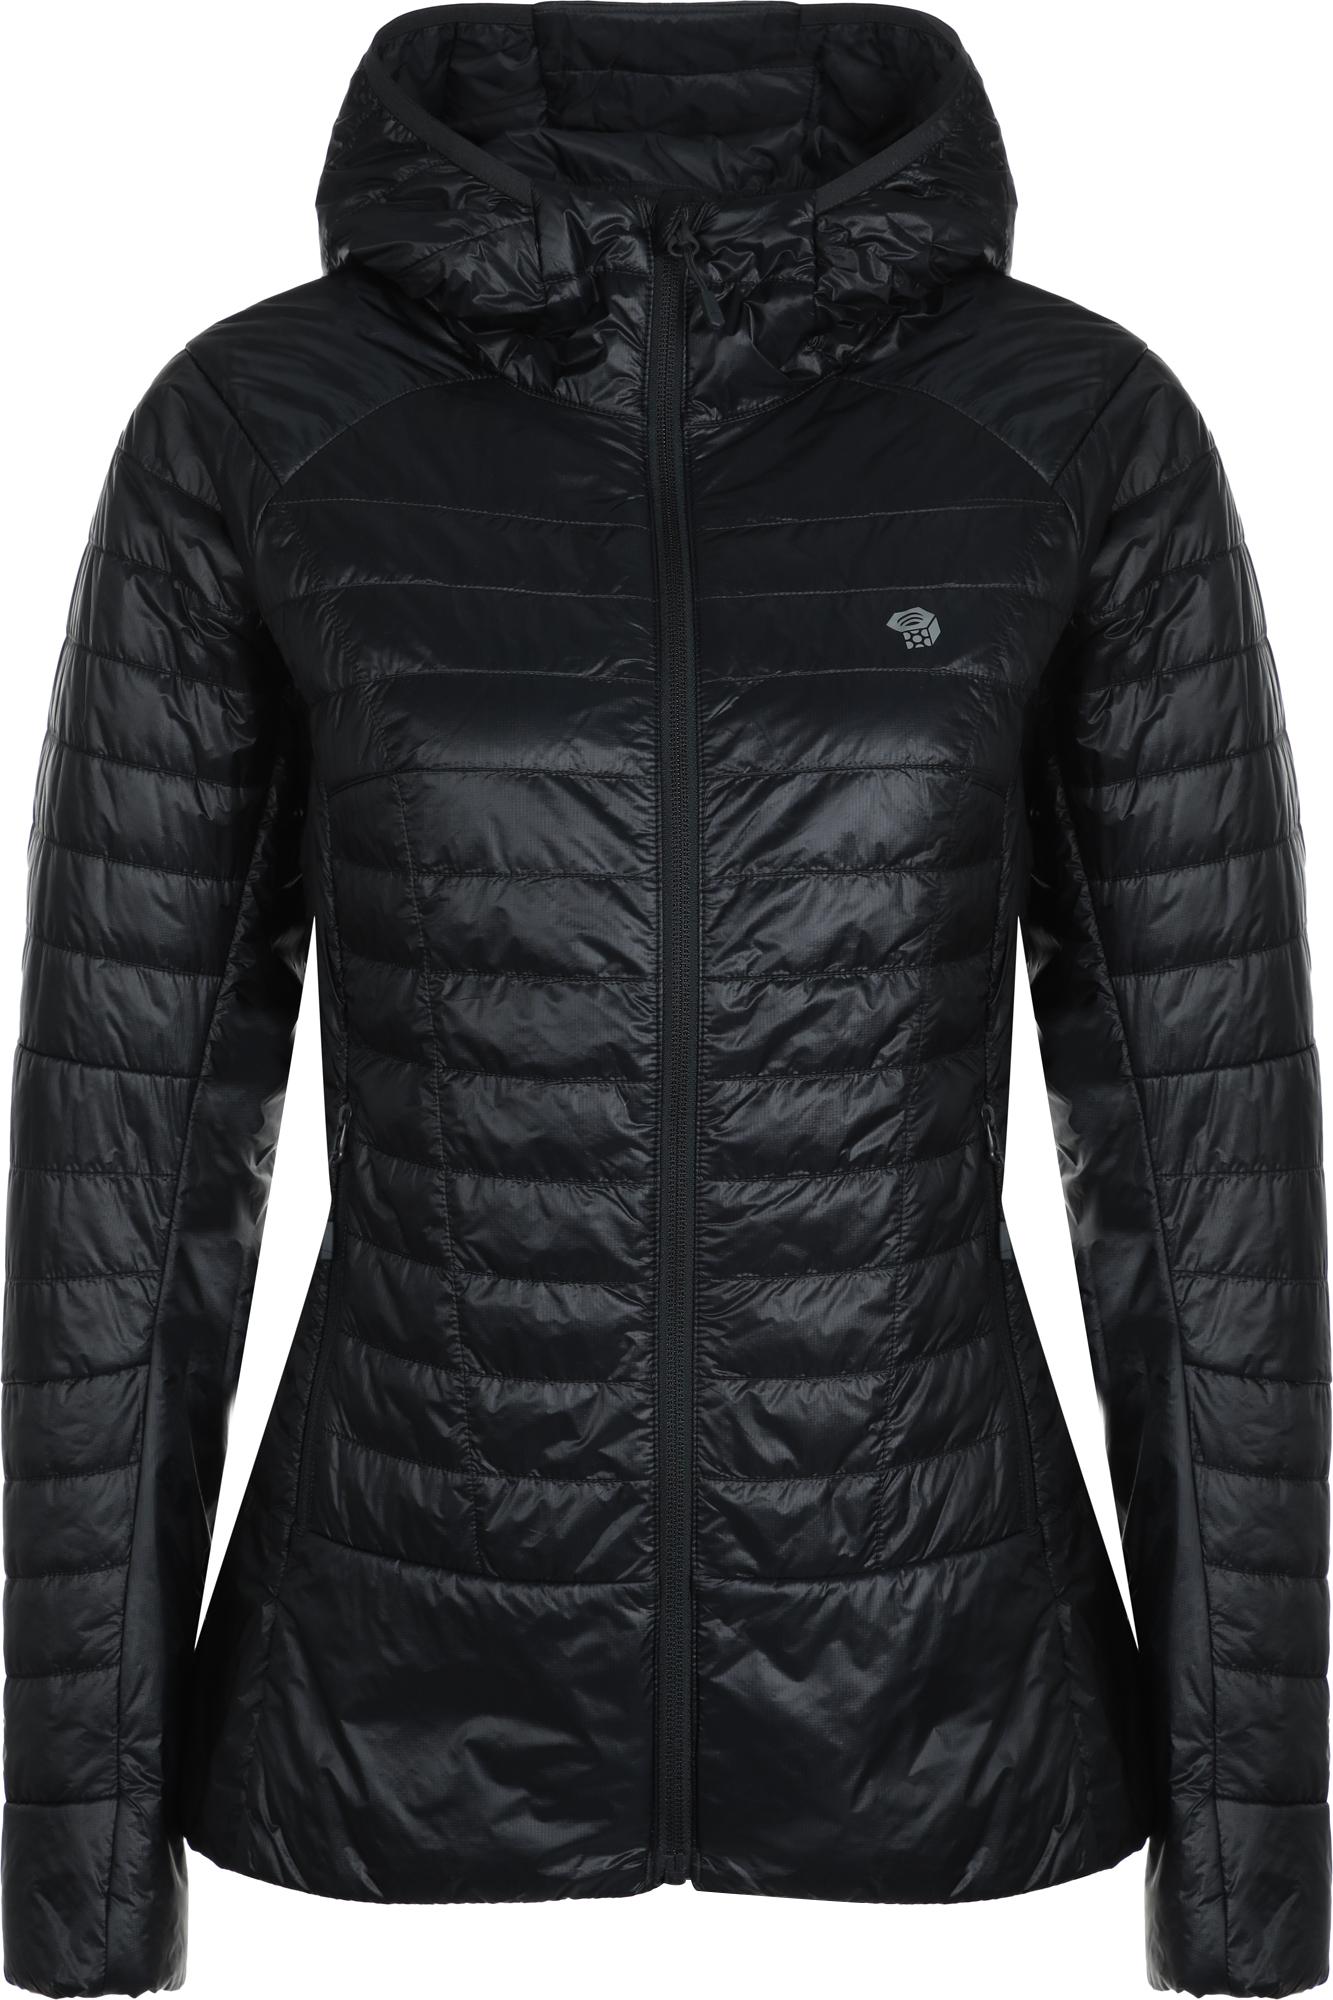 Mountain Hardwear Куртка утепленная женская Mountain Hardwear Ghost Shadow™, размер 44 mountain hardwear куртка утепленная мужская mountain hardwear ghost shadow™ размер 56